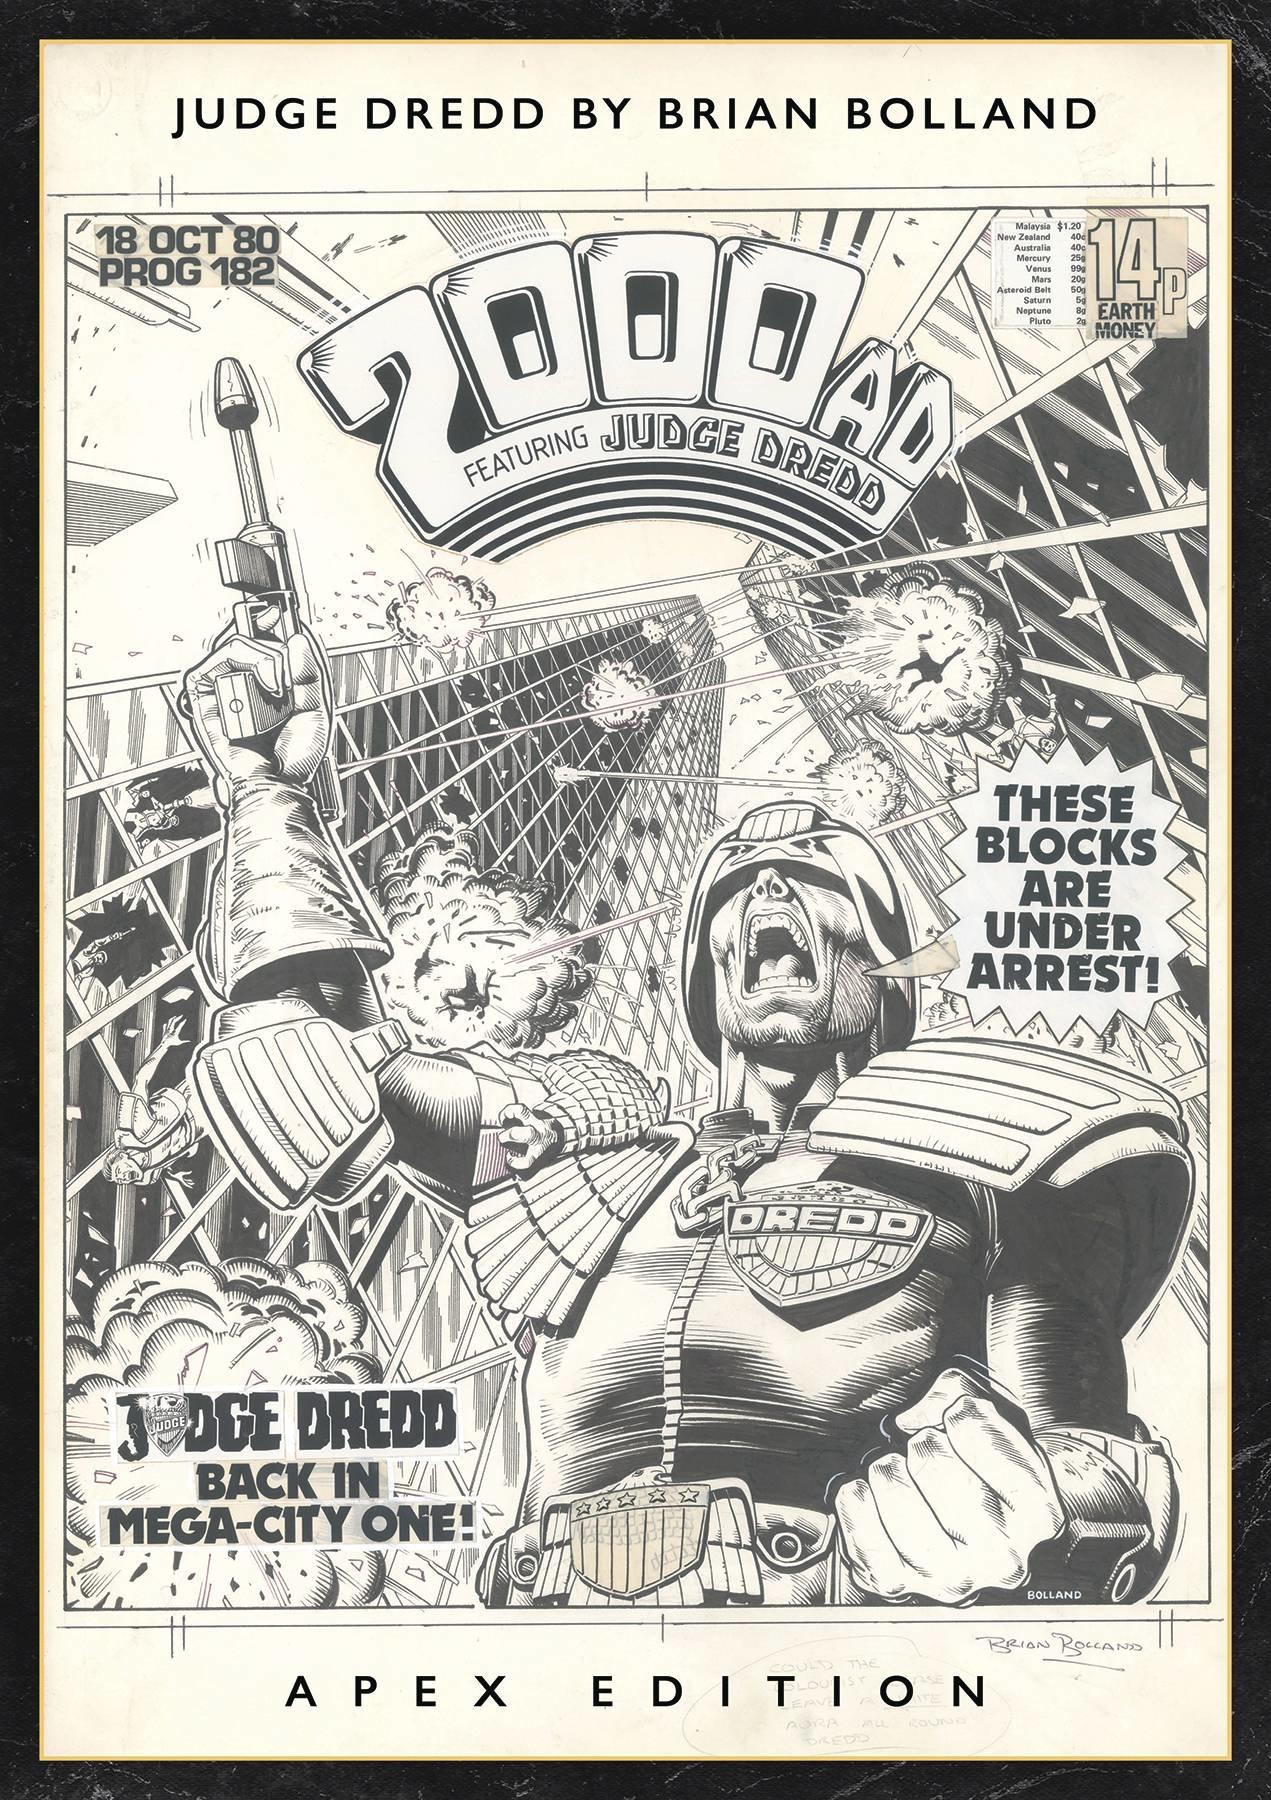 Judge Dredd by Brian Bolland Apex Edition prelim cover